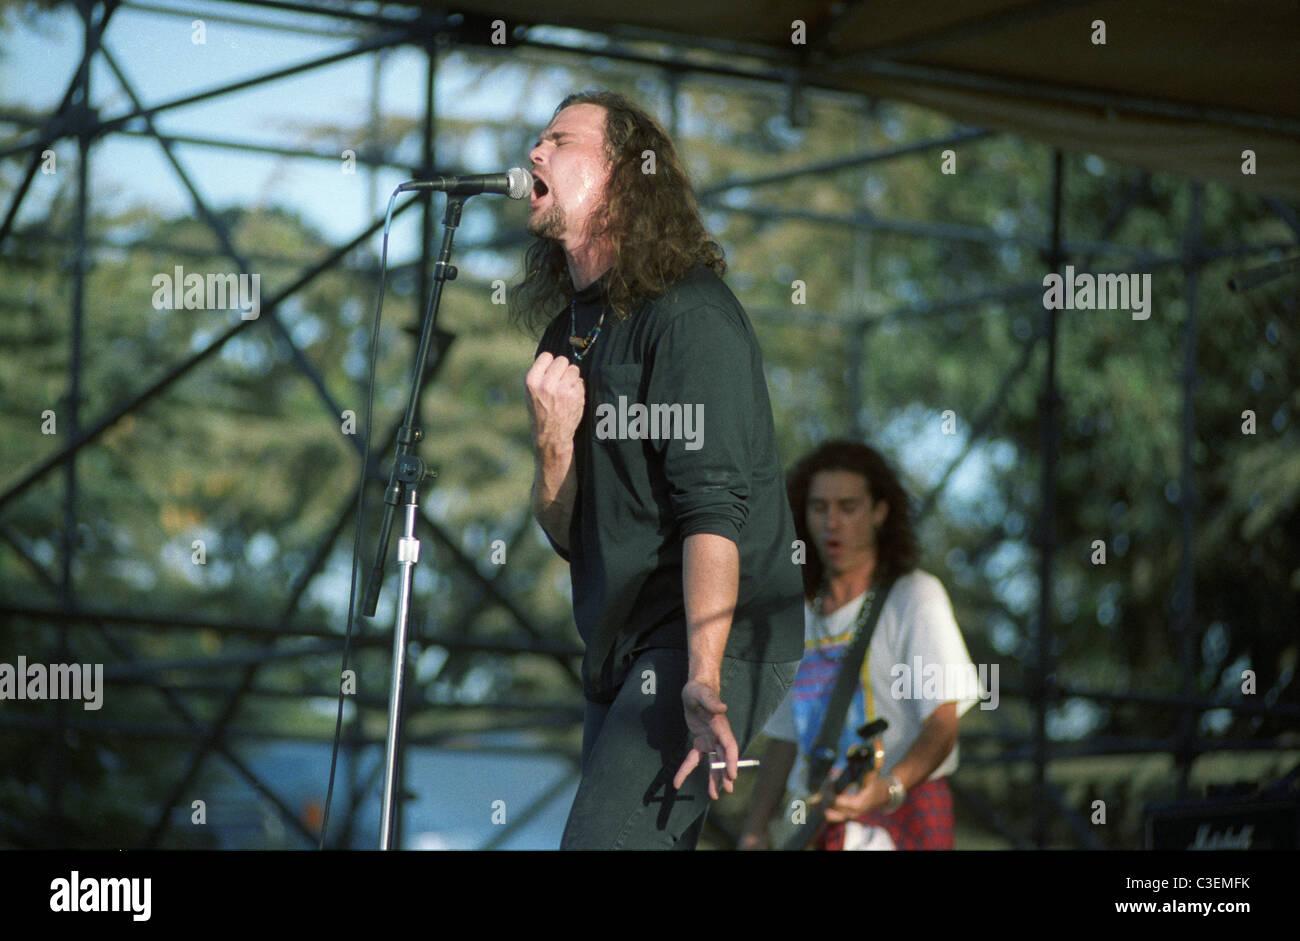 Sänger John Easdale Dramarama bei Edgefest in der Nähe von Fresno 1991. 1990er Jahre California Stockbild